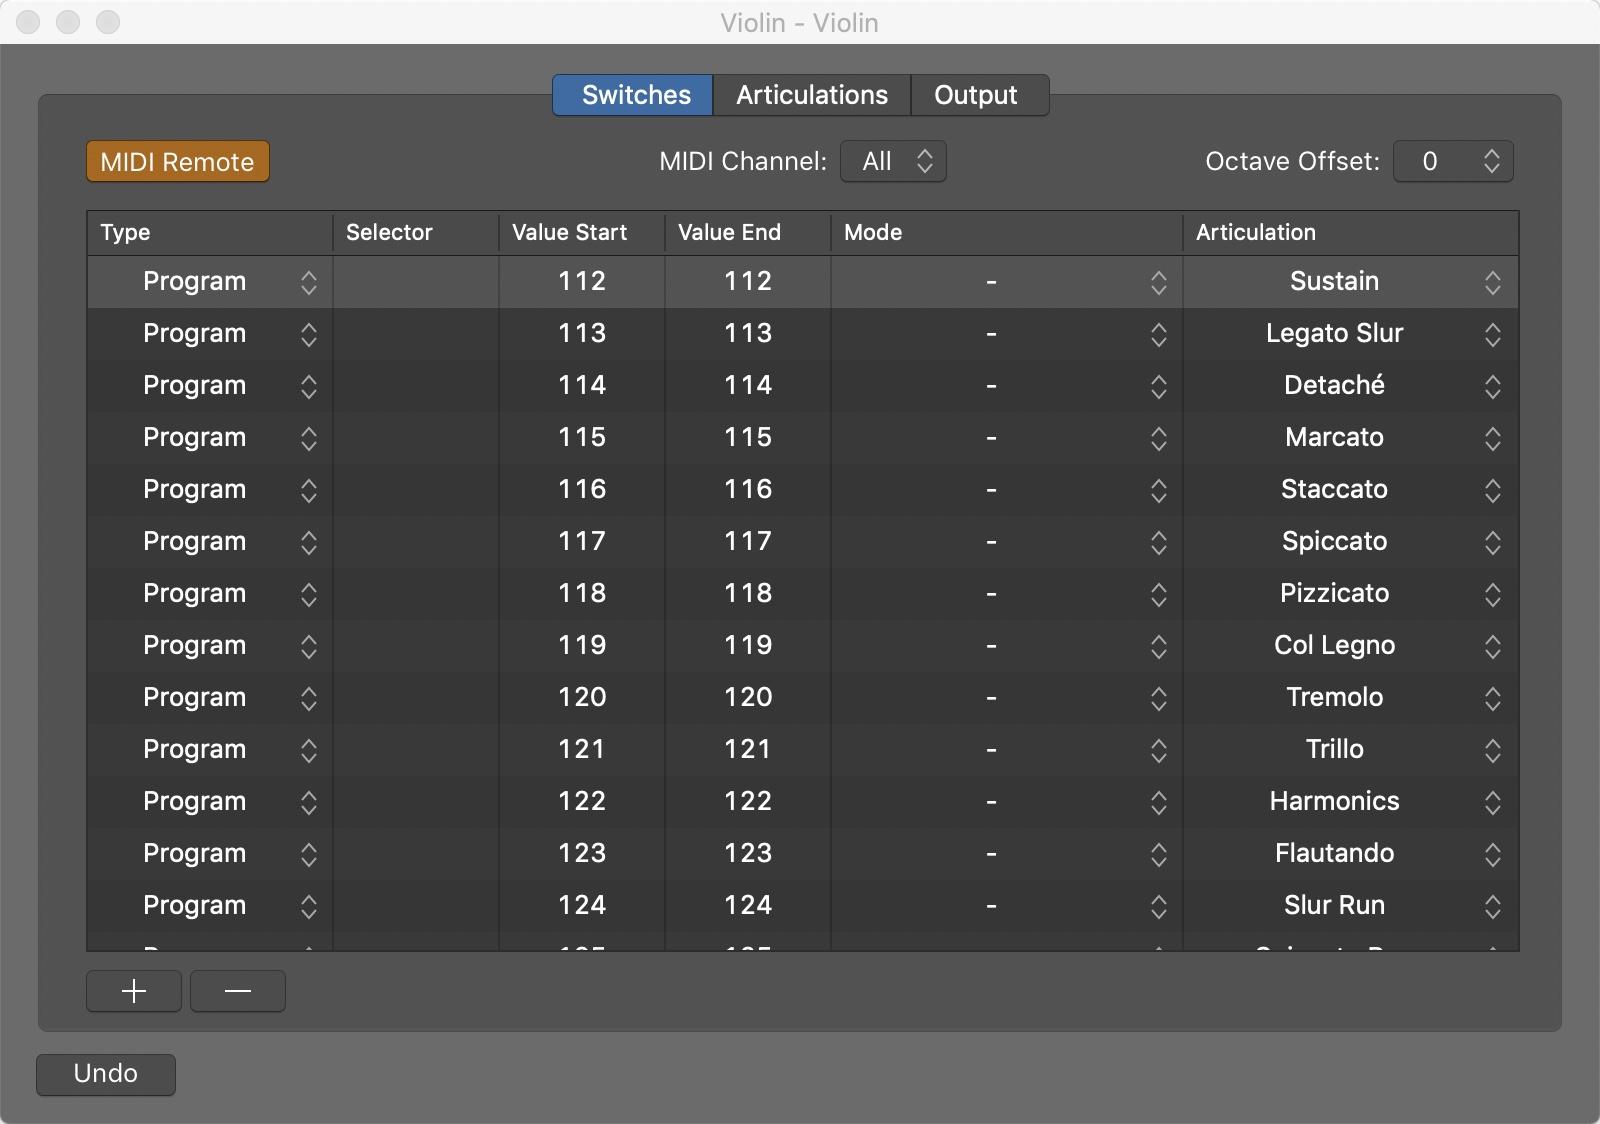 Utilizzare le Articolazioni in Logic Pro X 2 - BLOG : NEWS - STUDIO XLR San Donato Milanese